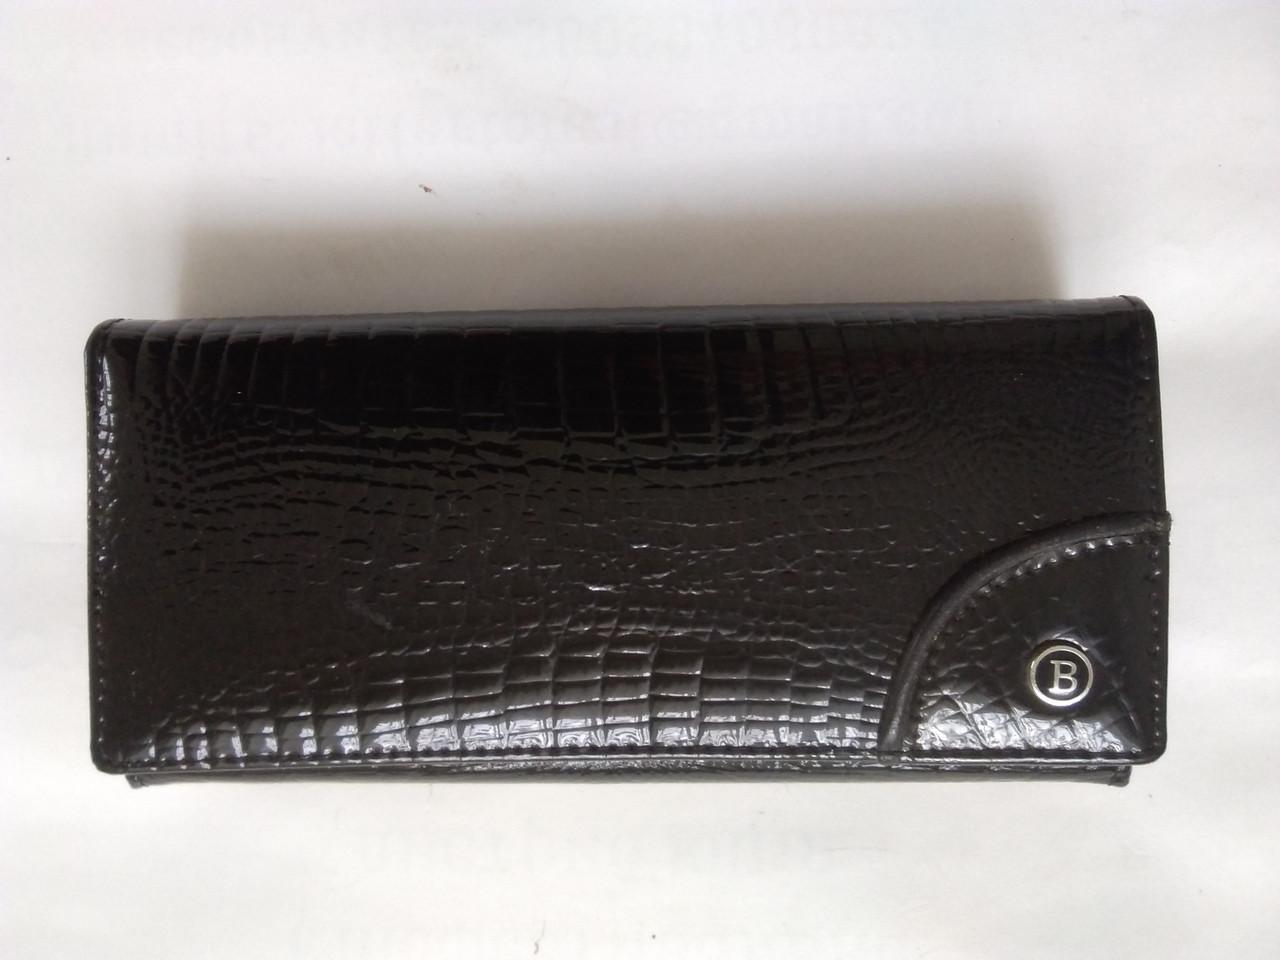 54fa604ed335 Кошелек женский кожаный Balisa - Интернет-магазин